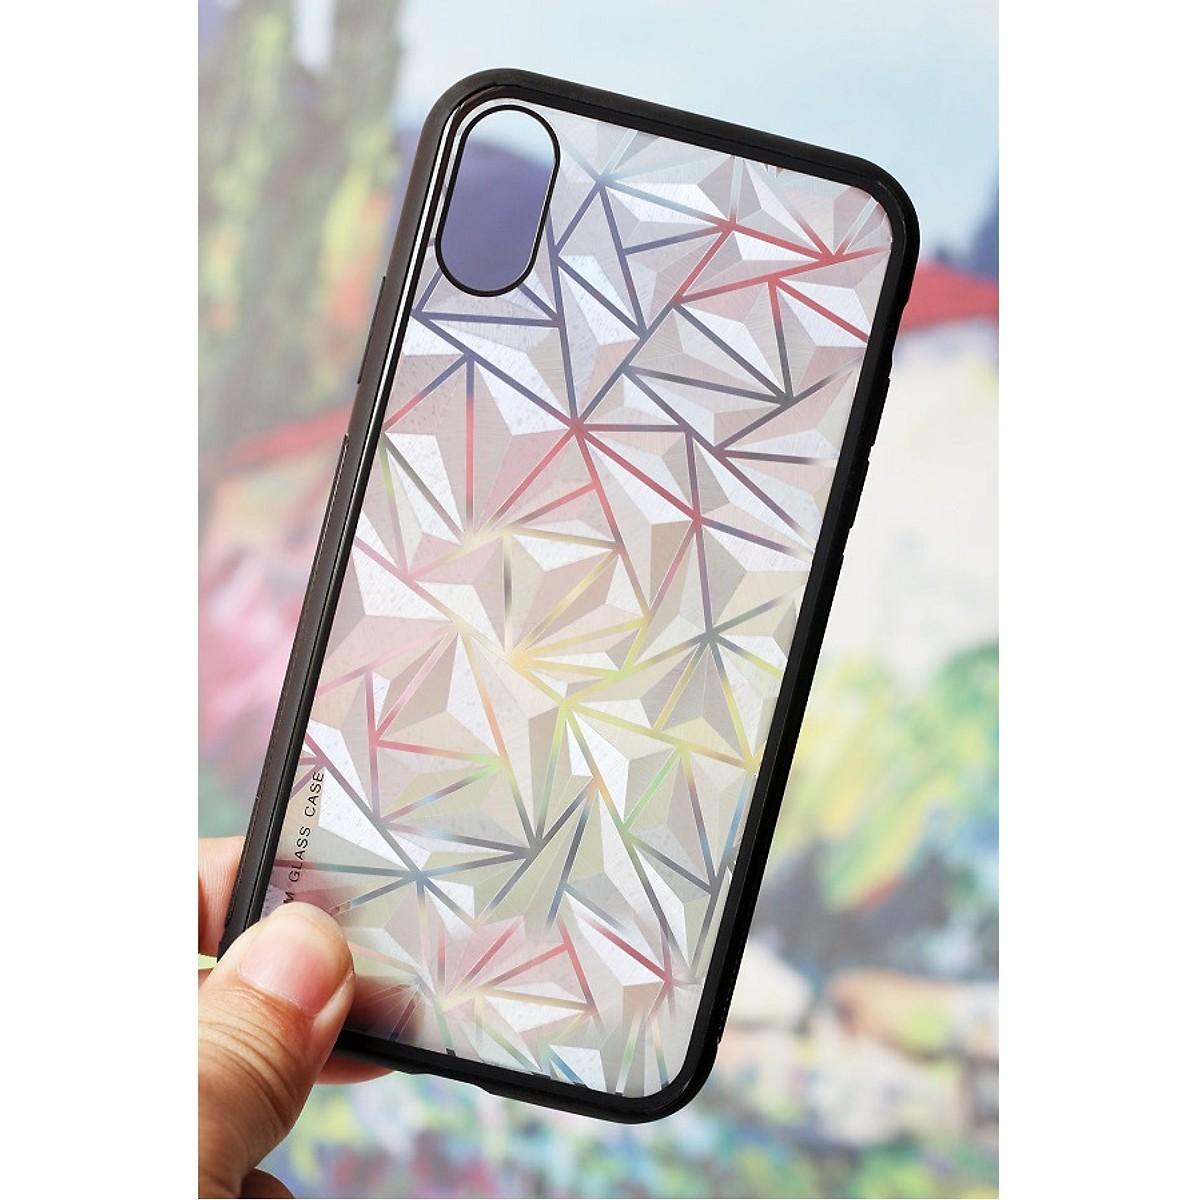 Ốp Lưng Kim Cương Dành Cho iPhone - Mẫu 2 - iPhone X